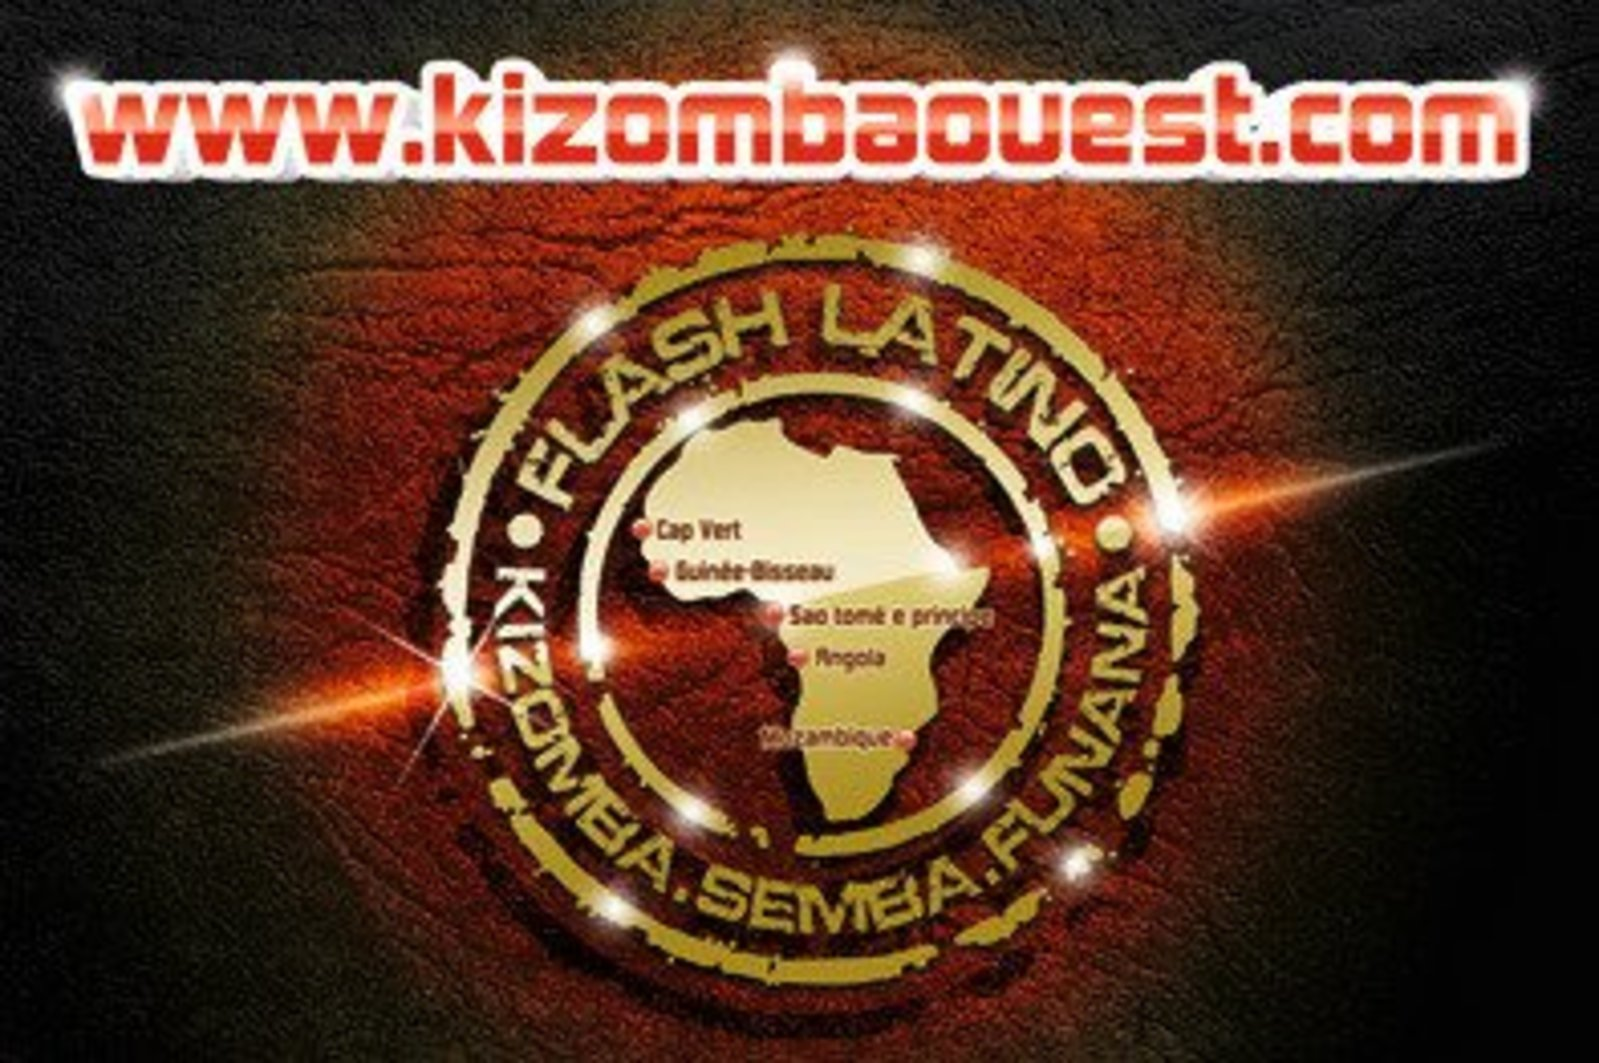 COURS DE KIZOMBA/SEMBA VANNES SAISON 2015/2016 - ASSOCIATION KIZOMBA OUEST